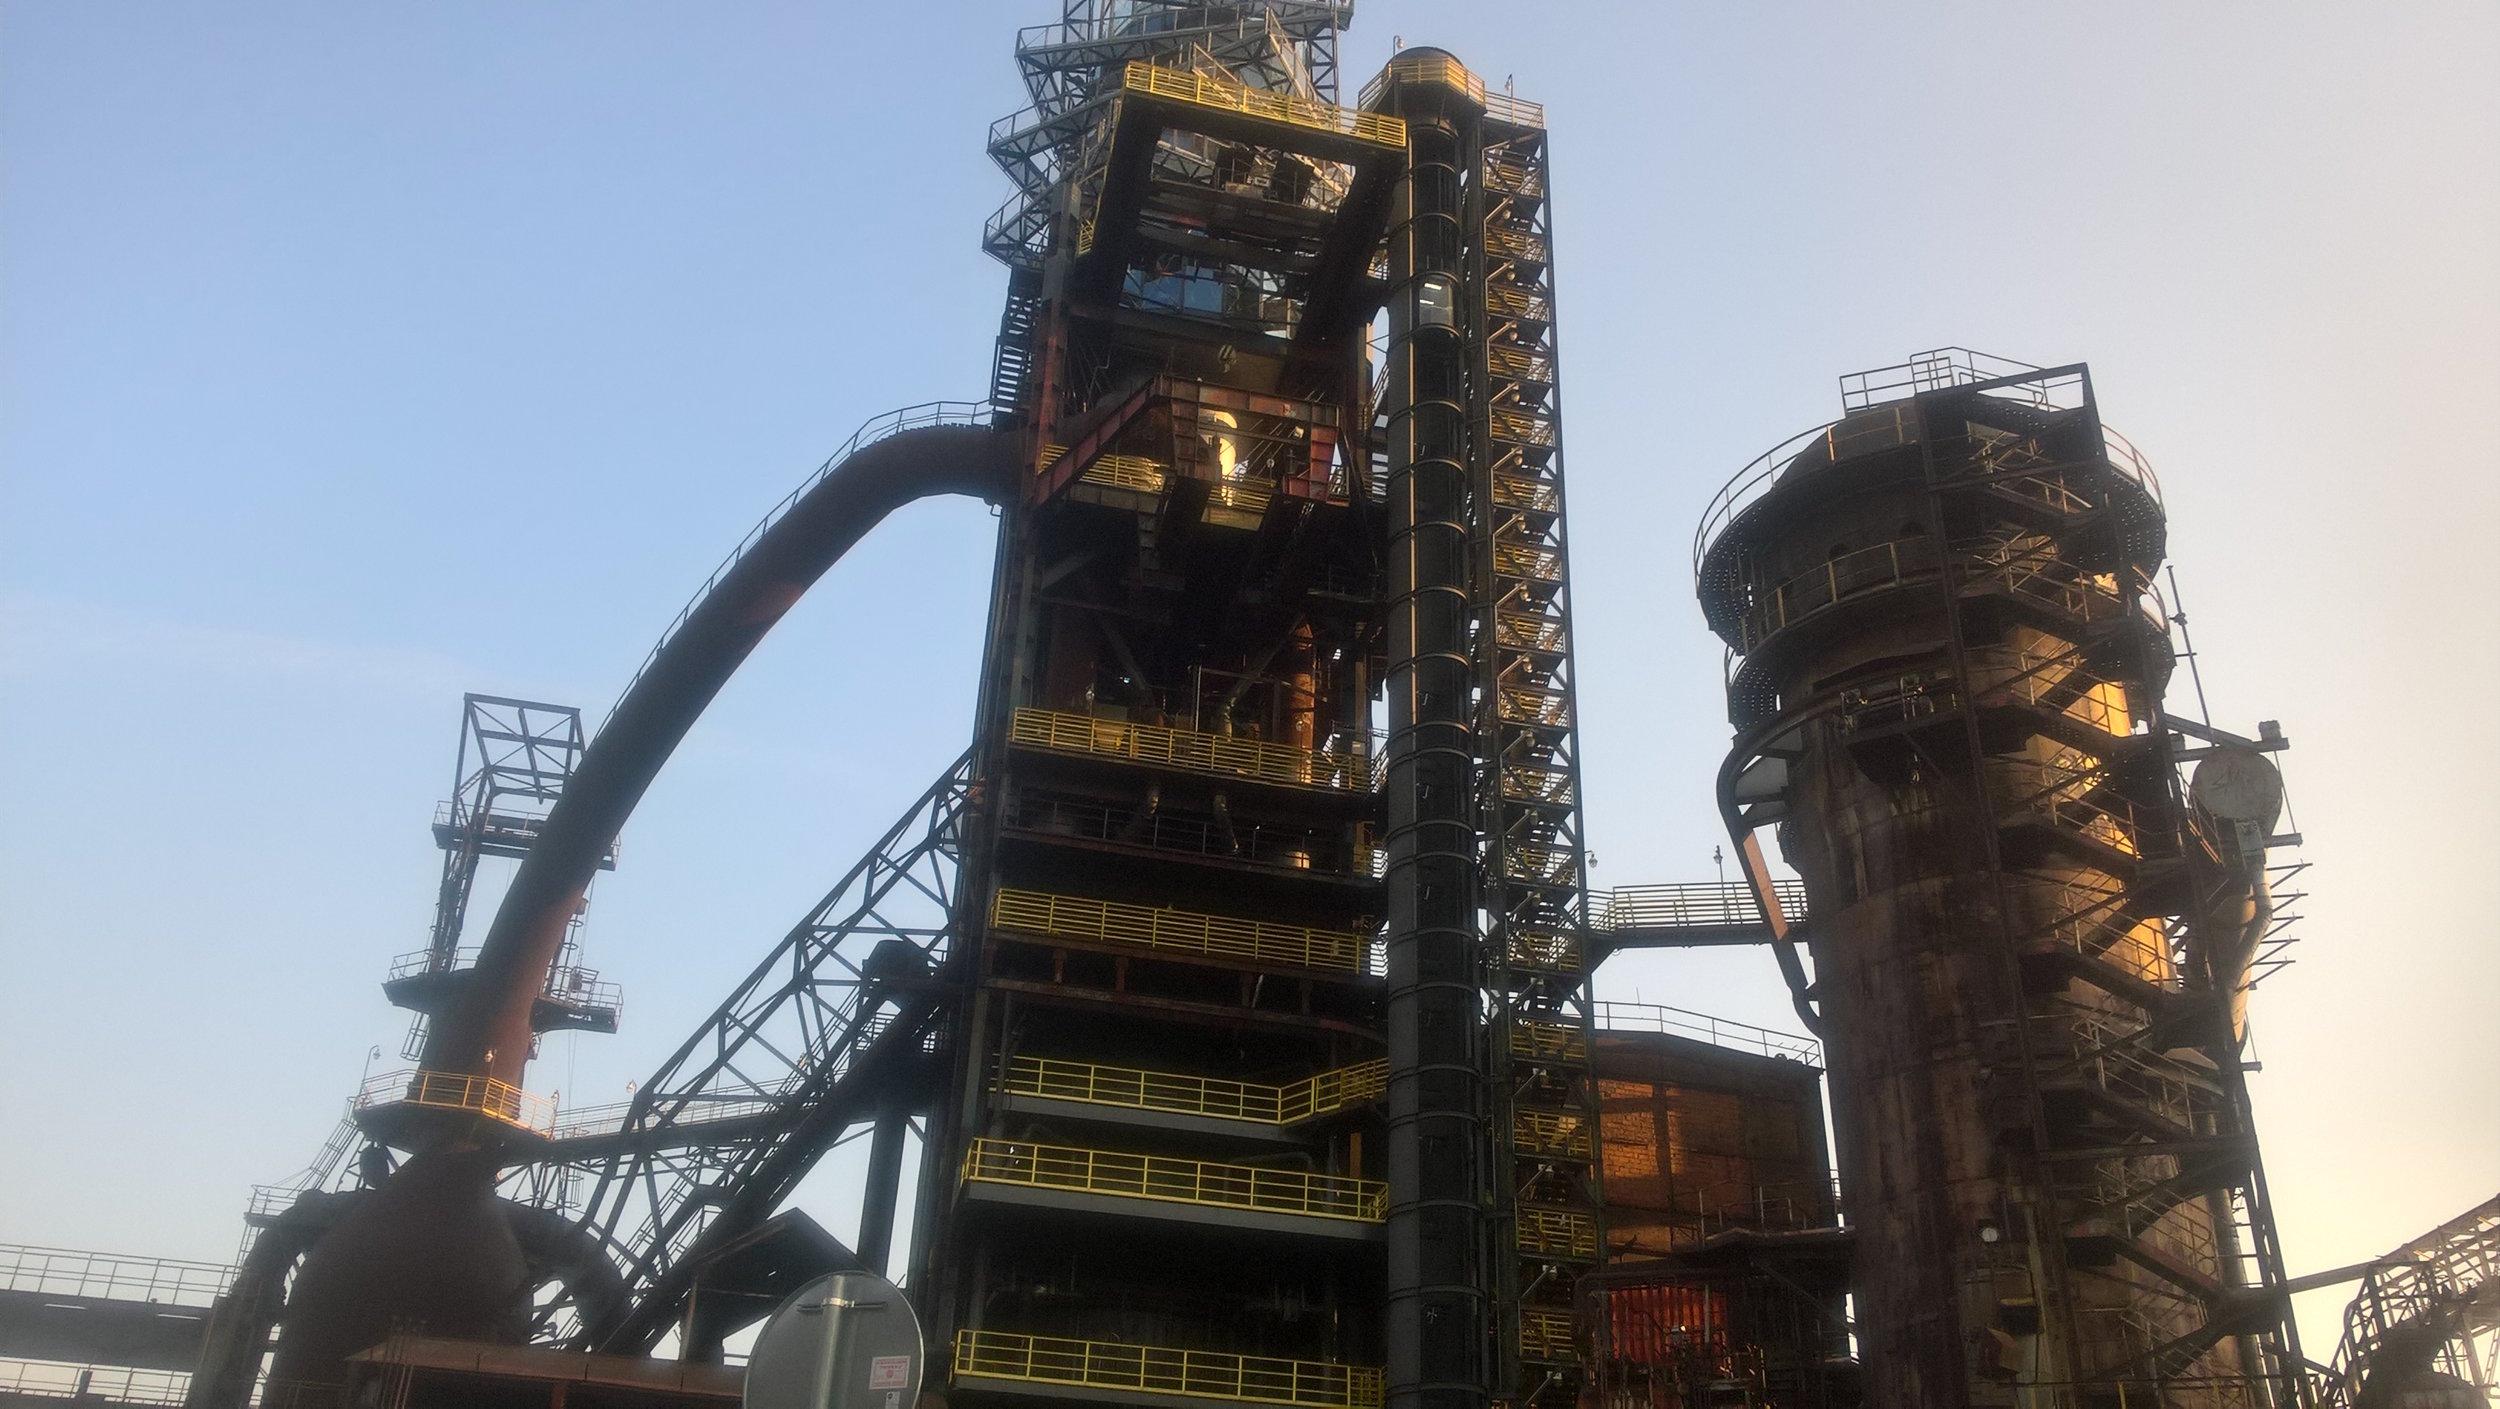 Ostravan tapaaminen järjestettiin valtavan suurella sekä taiteellisella terästehtaan alueella